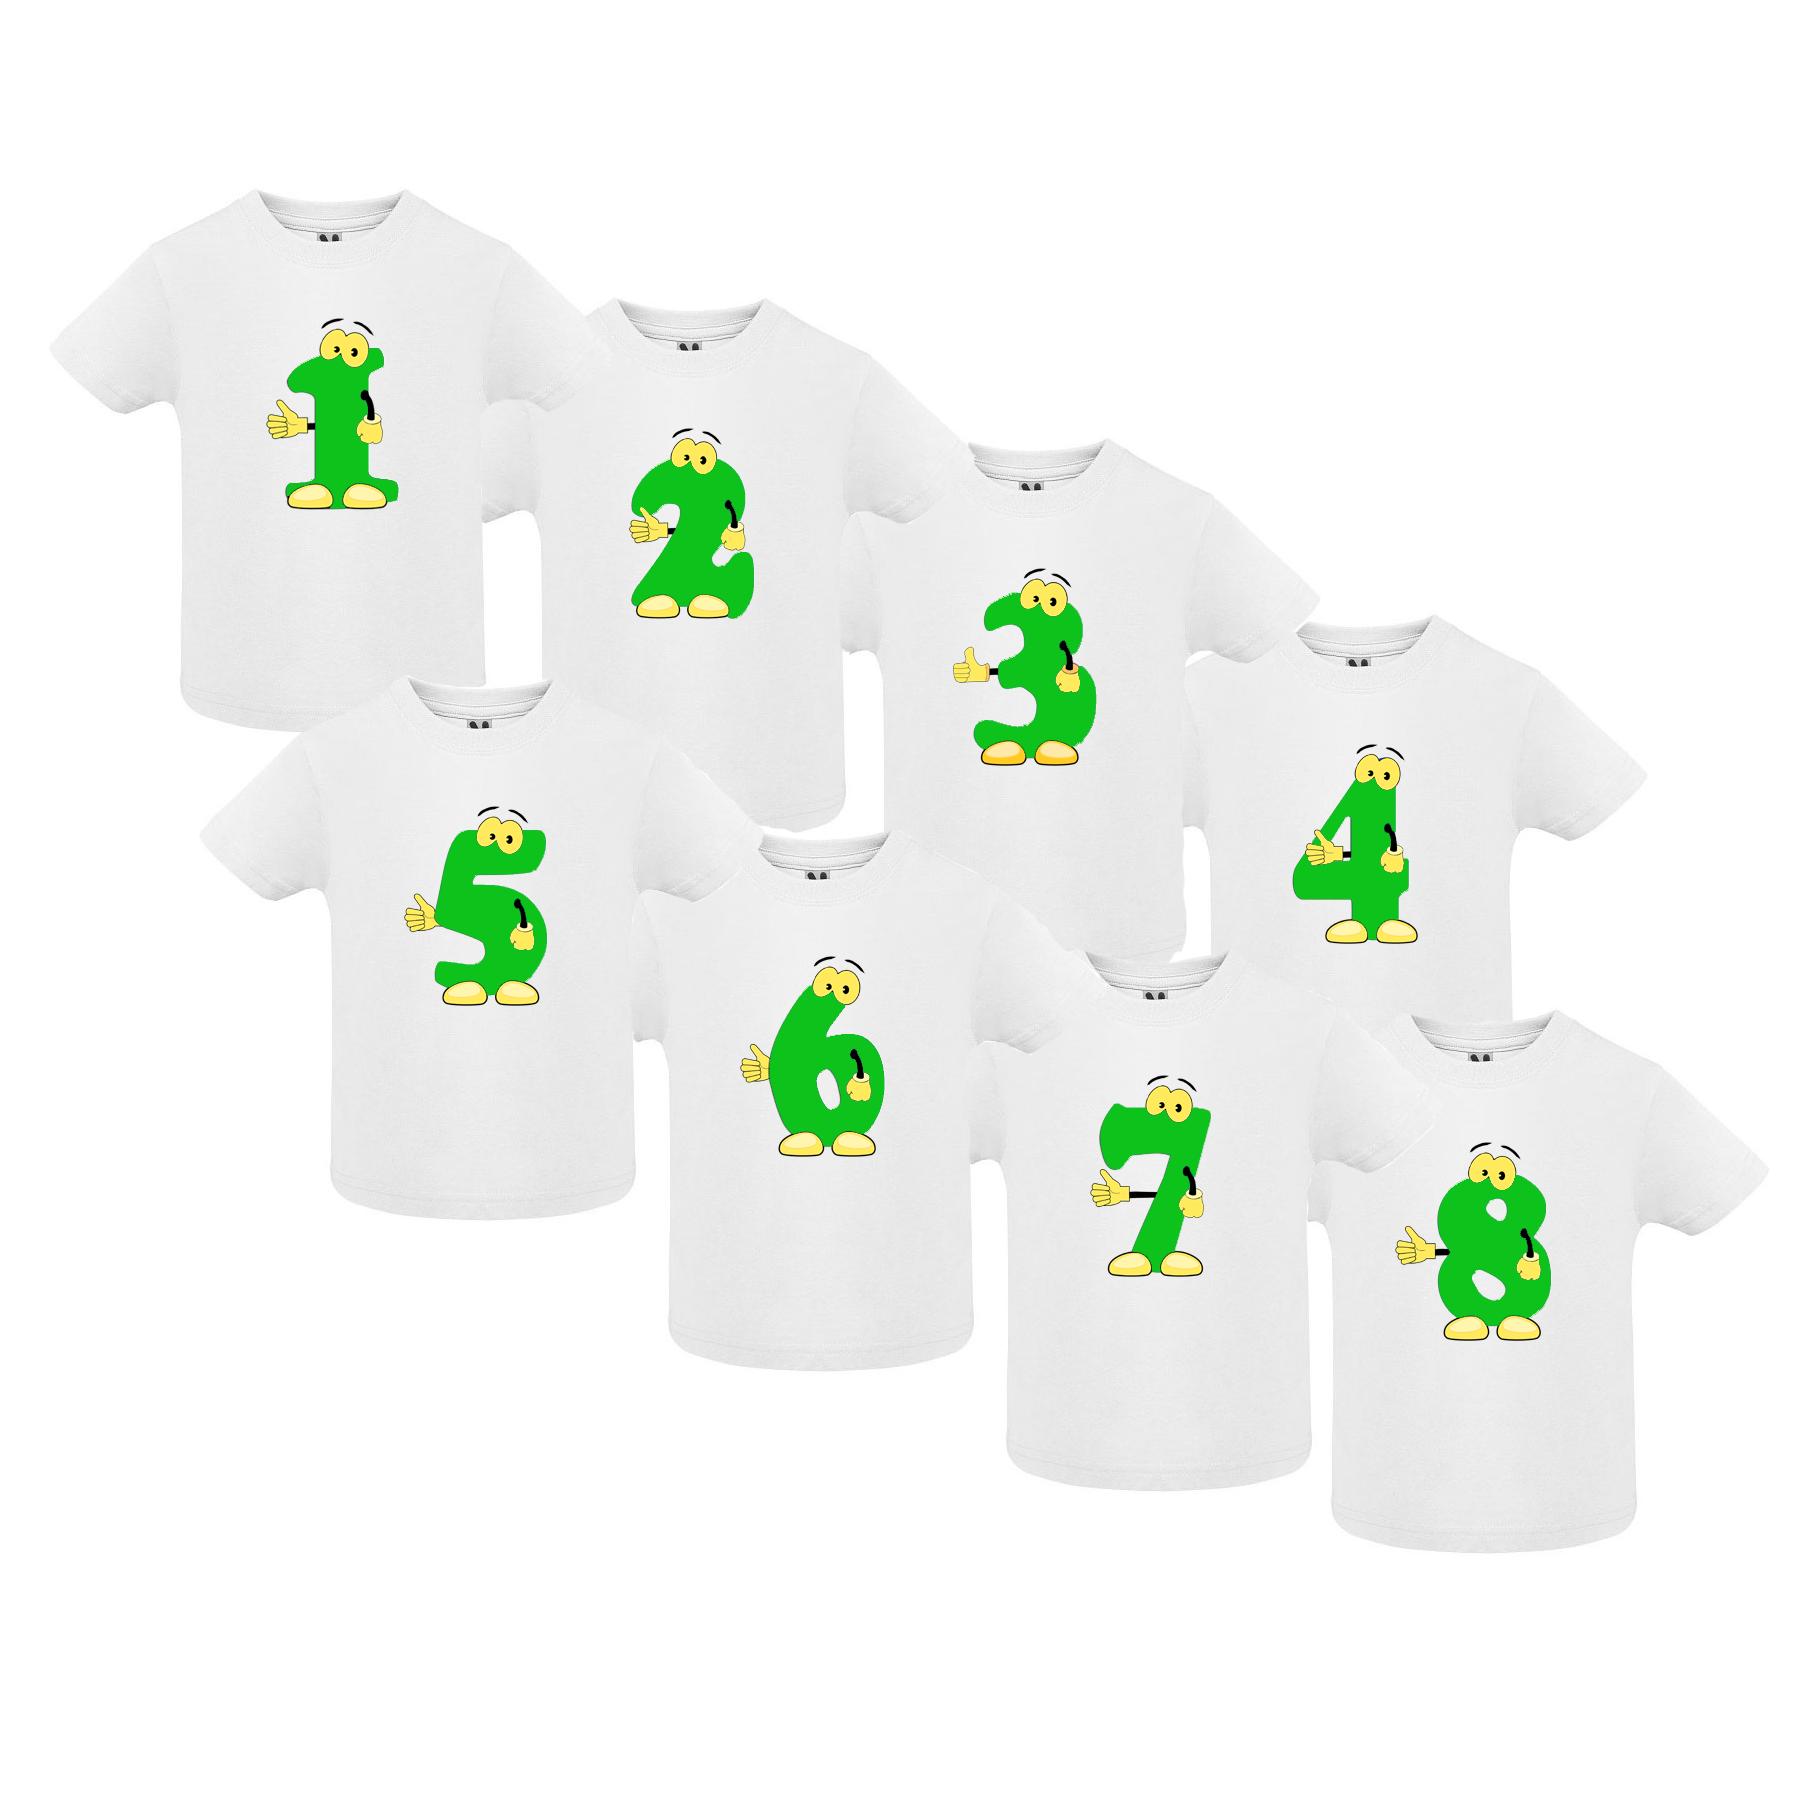 Narozeninové tričko s číslem – zelená postavička